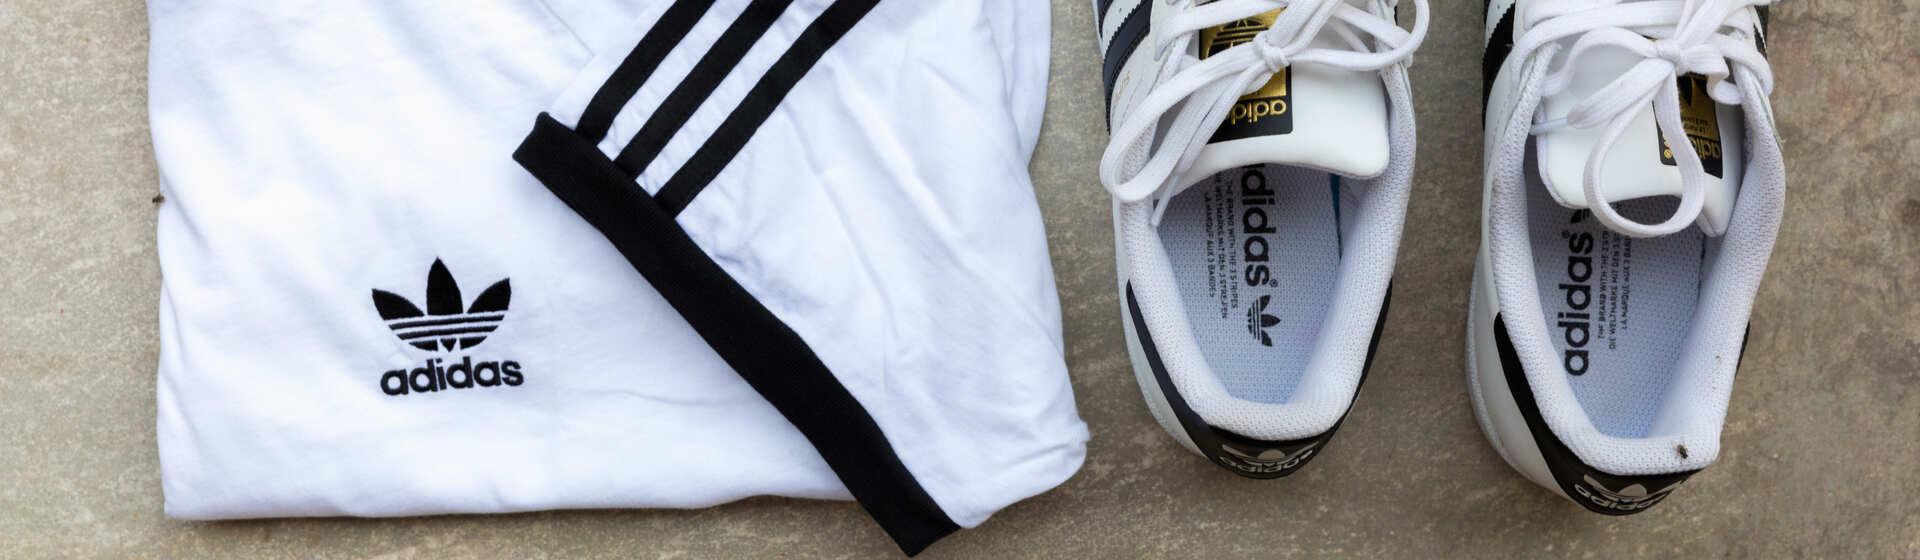 Adidas na Black Friday 2021: 16 opções da marca que podem entrar na promoção e valem a pena